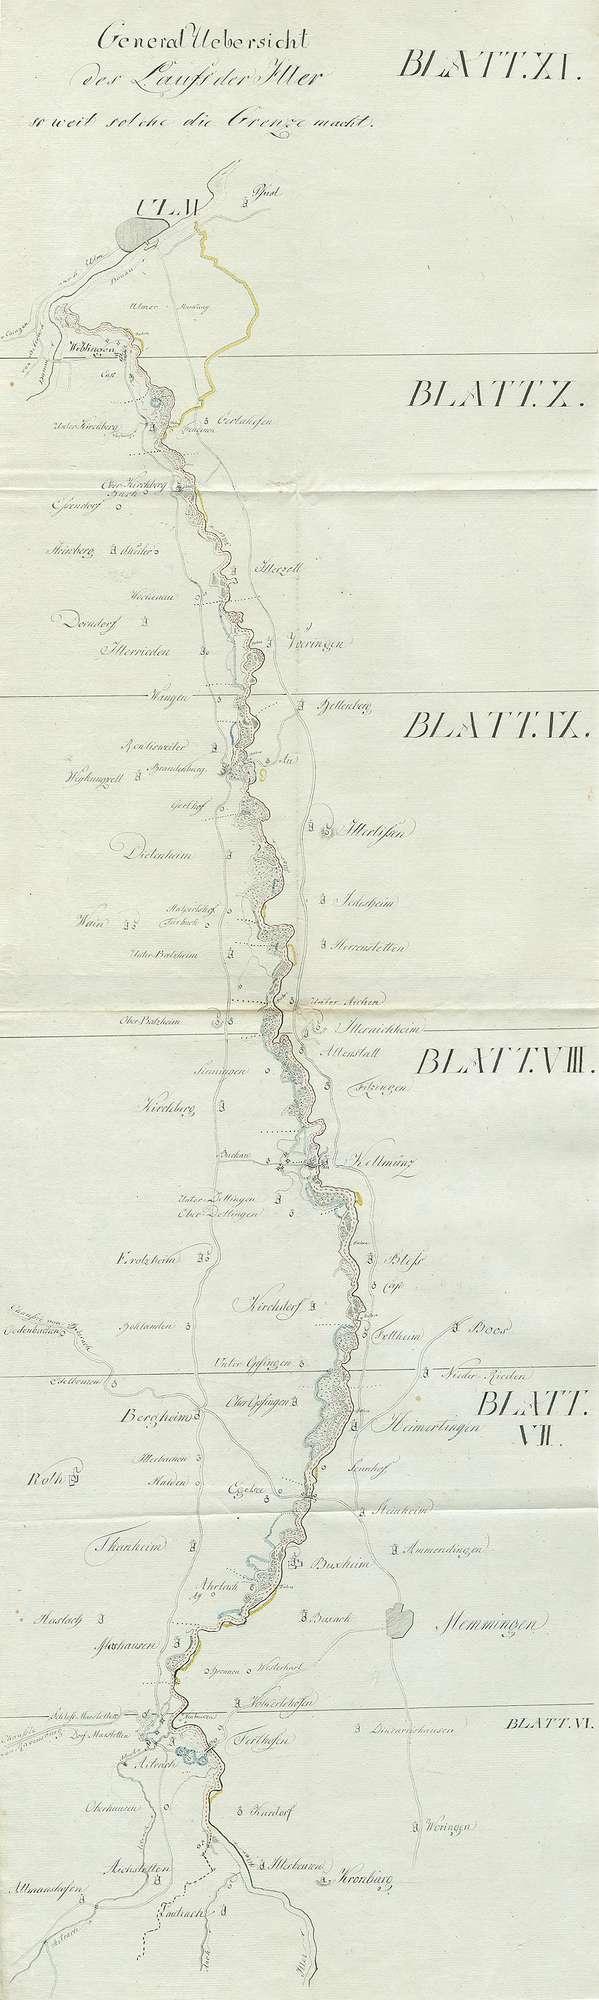 Besitznahme einzelner näher beschriebener von Bayern abgetretener Gebiete durch Württemberg, Bild 2